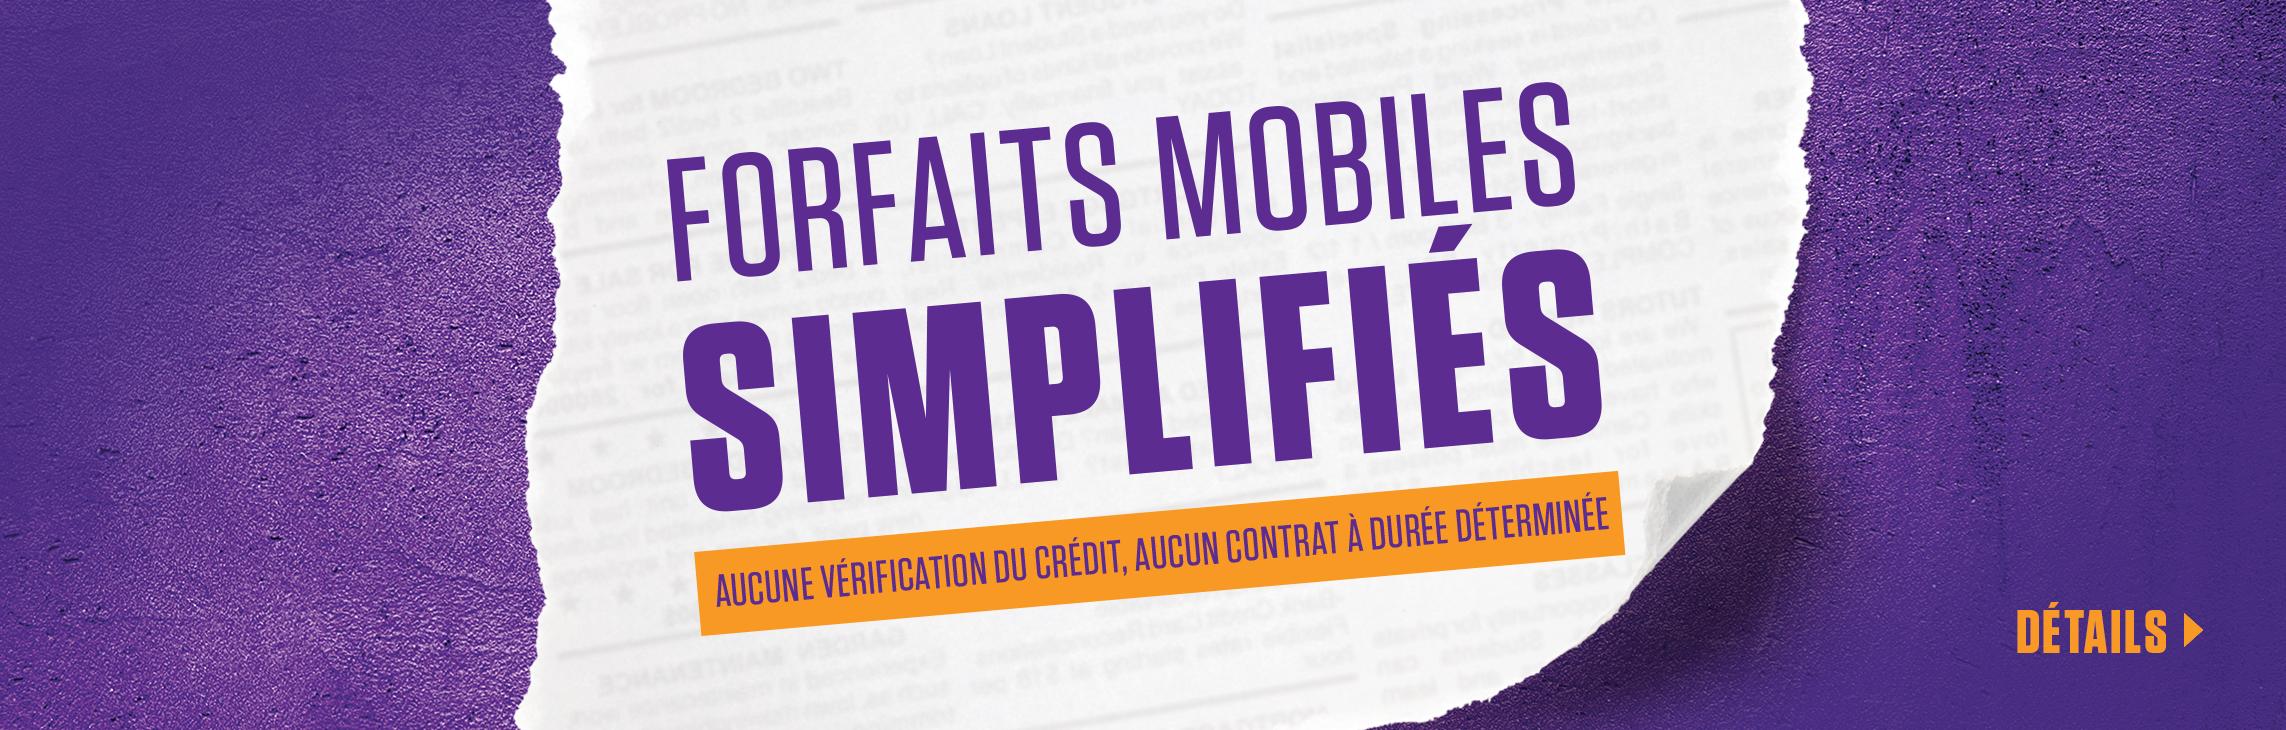 Des forfaits mobiles simples. Pas de vérification de crédit et des contrats sans entente